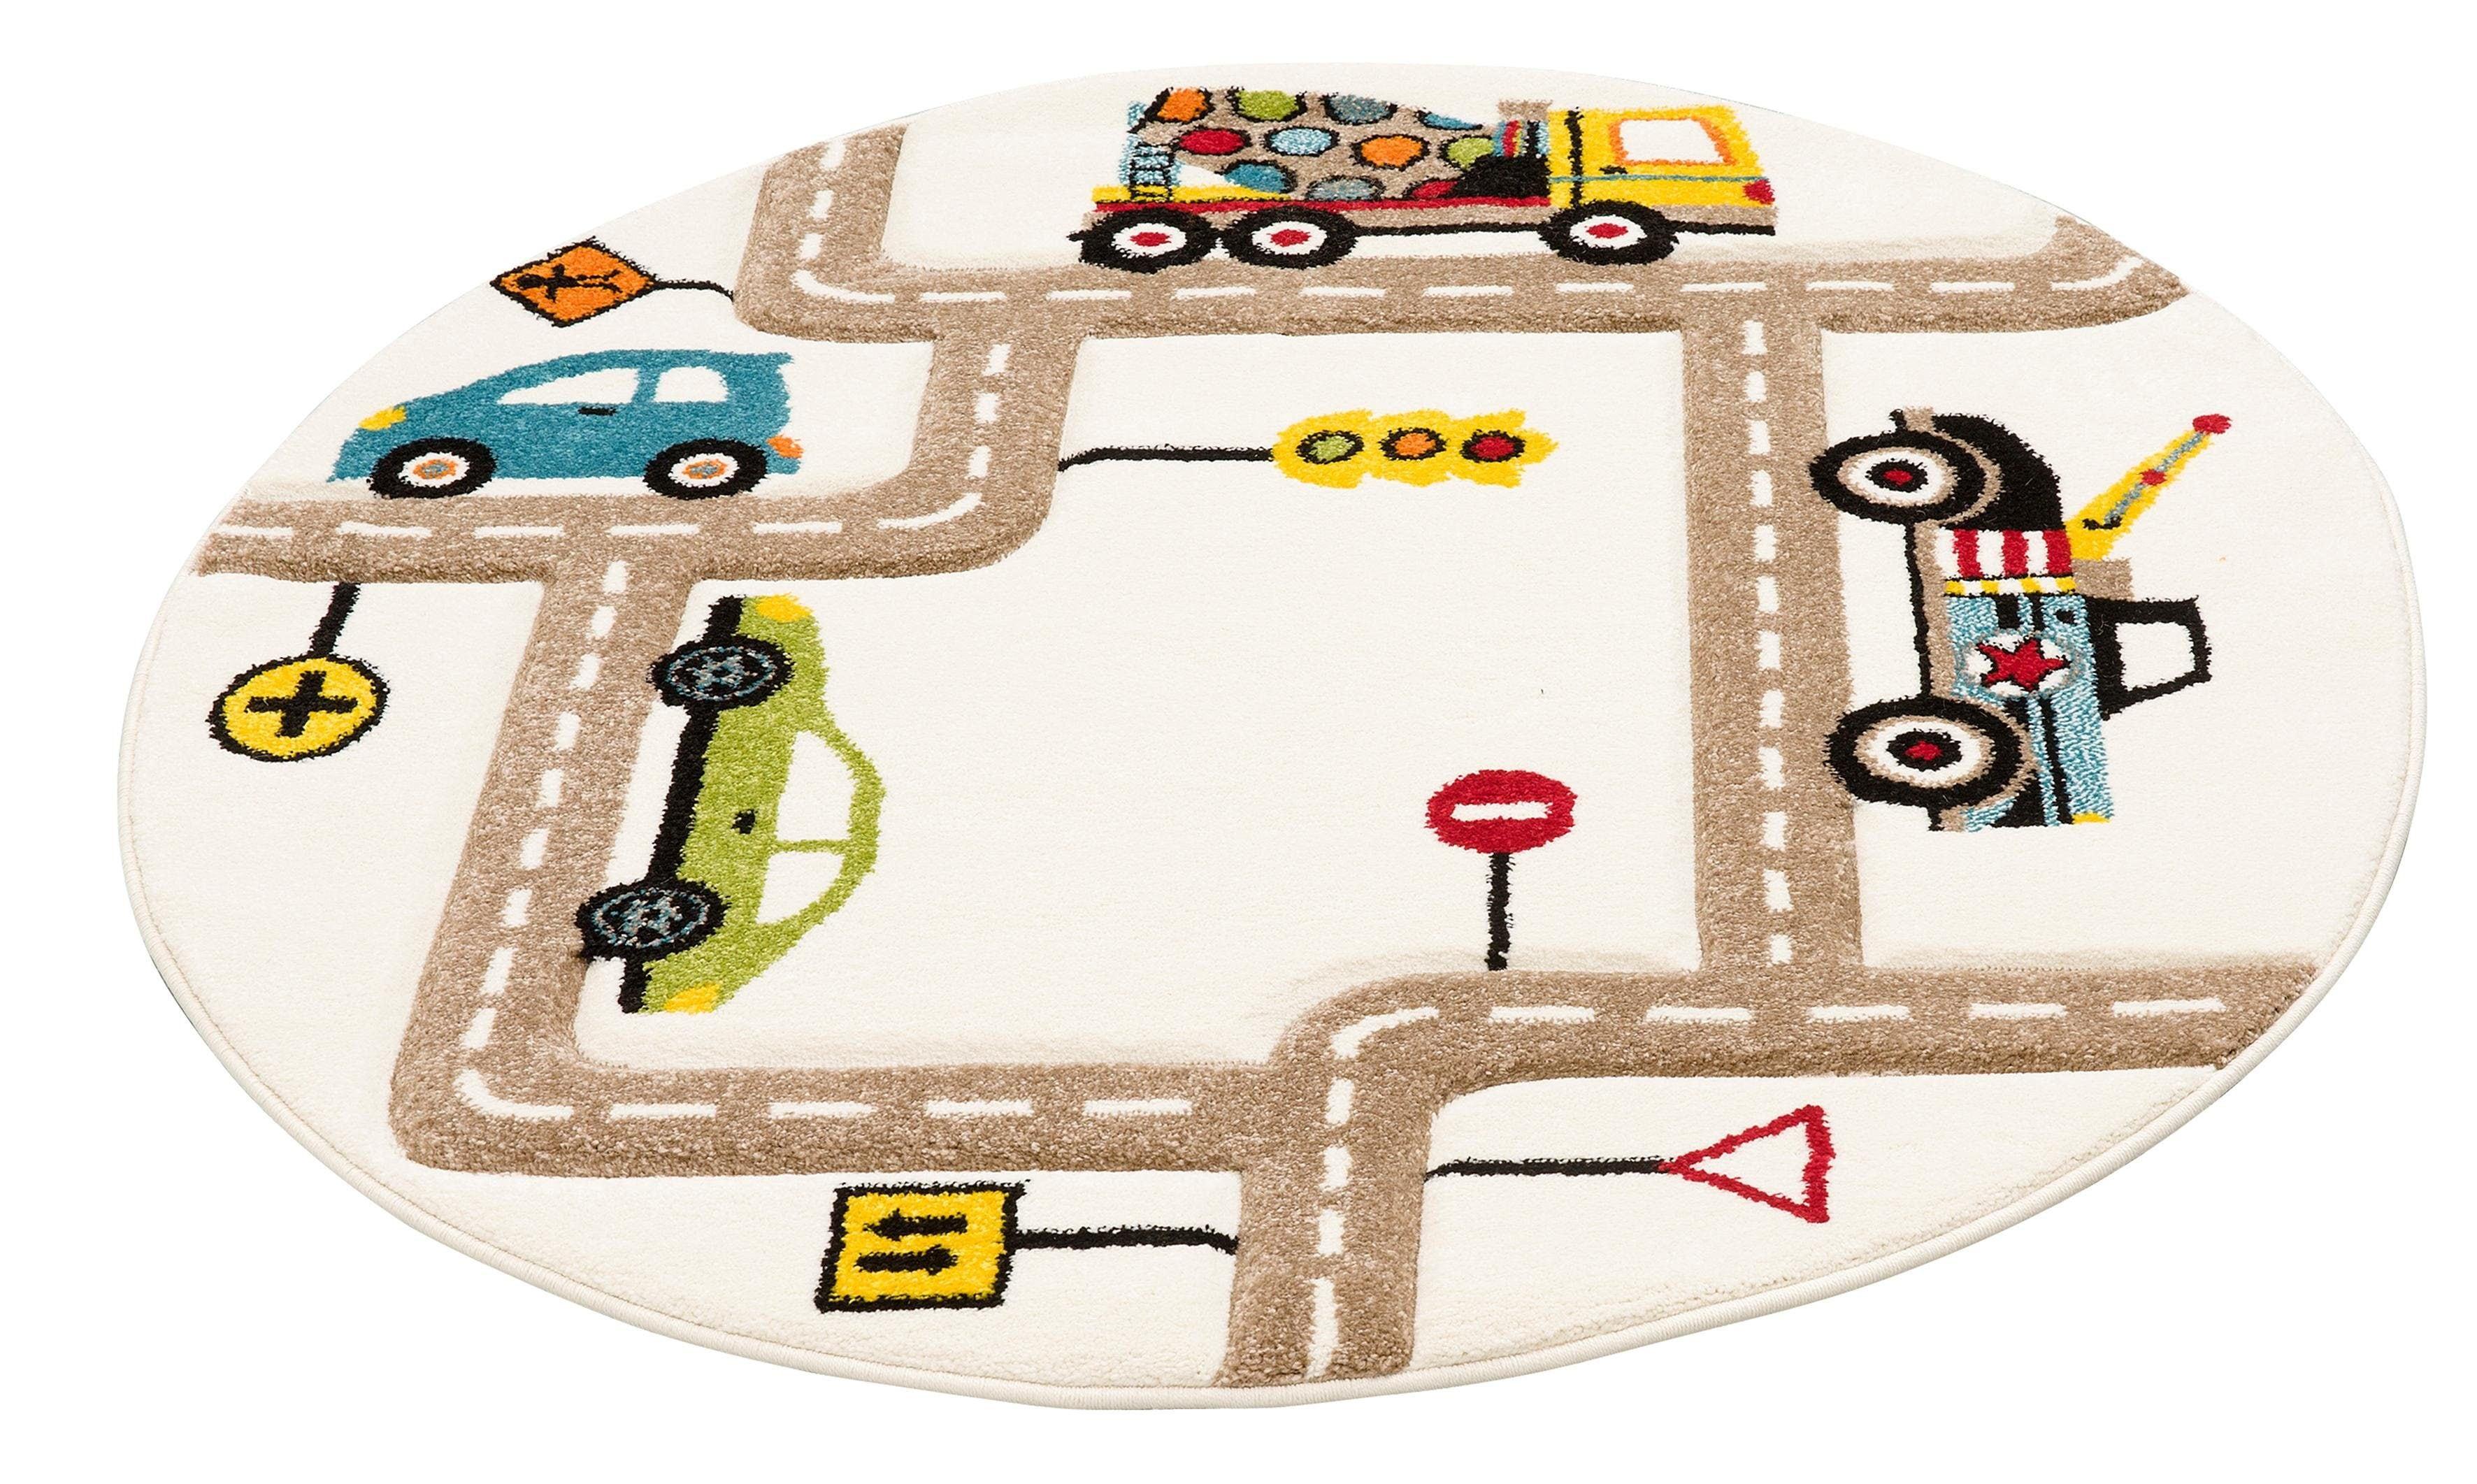 Kinderteppich, Strassen, Lüttenhütt, rund, Höhe 13 mm, maschinell gewebt beige Kinder Bunte Kinderteppiche Teppiche